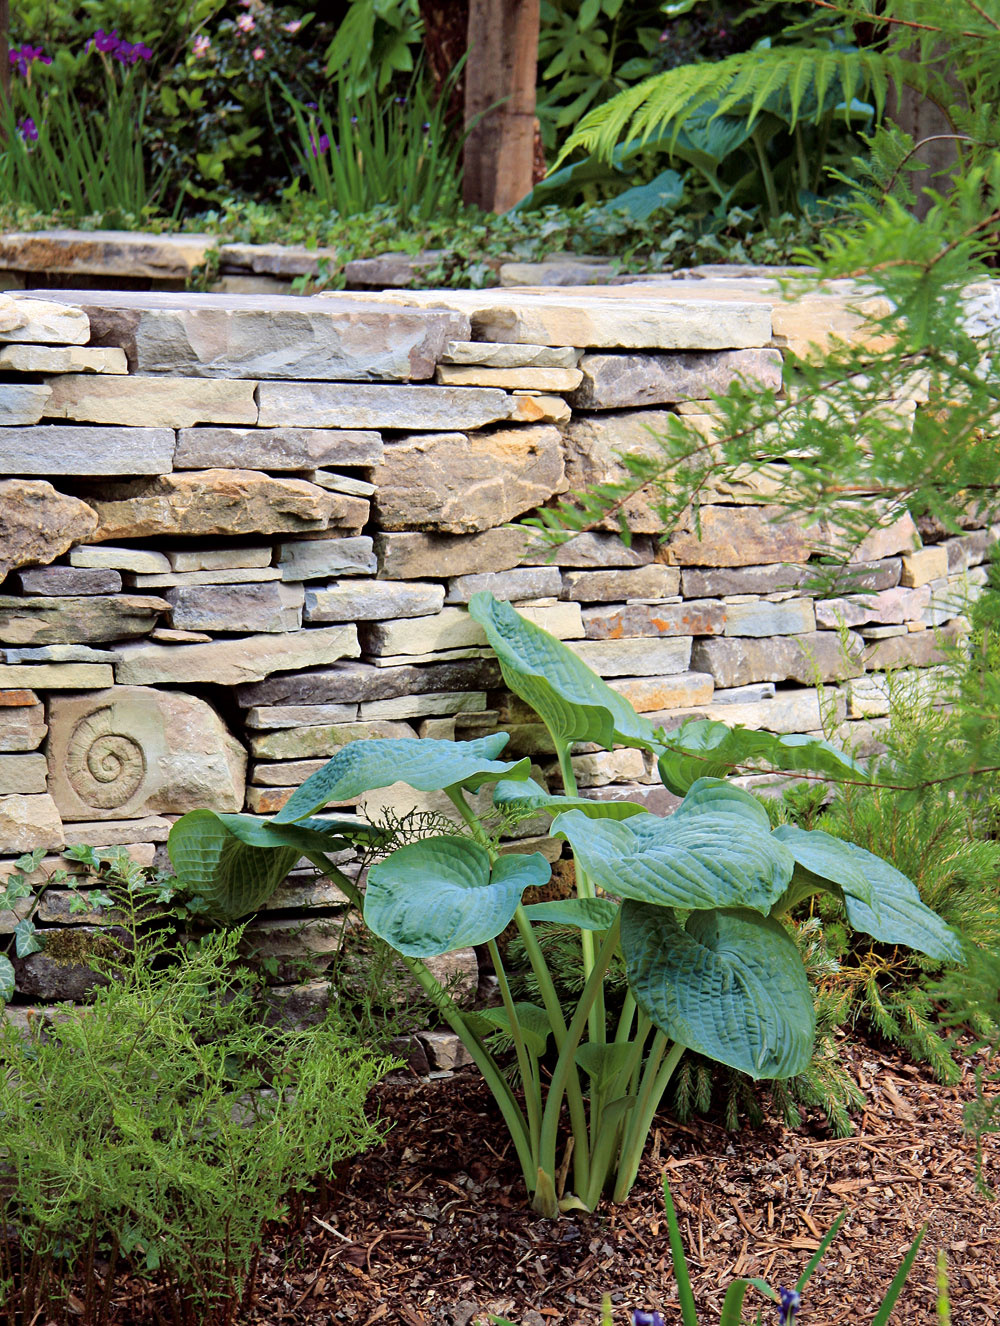 Kameň Tak ako drevo, aj kameň pôsobí vzáhradnom priestore prirodzene anavodzuje pocit harmónie. Veľmi dobre sa dopĺňa srastlinami avodou. Kameň možno použiť pri stavbe nižších ajvyšších múrikov, na dláždenie, ako dekoračný prvok, uplatní sa aj vskalkách či ako solitér vtrávniku apri vodných prvkoch. Odporúča sa použiť len jeden druh kameňa.